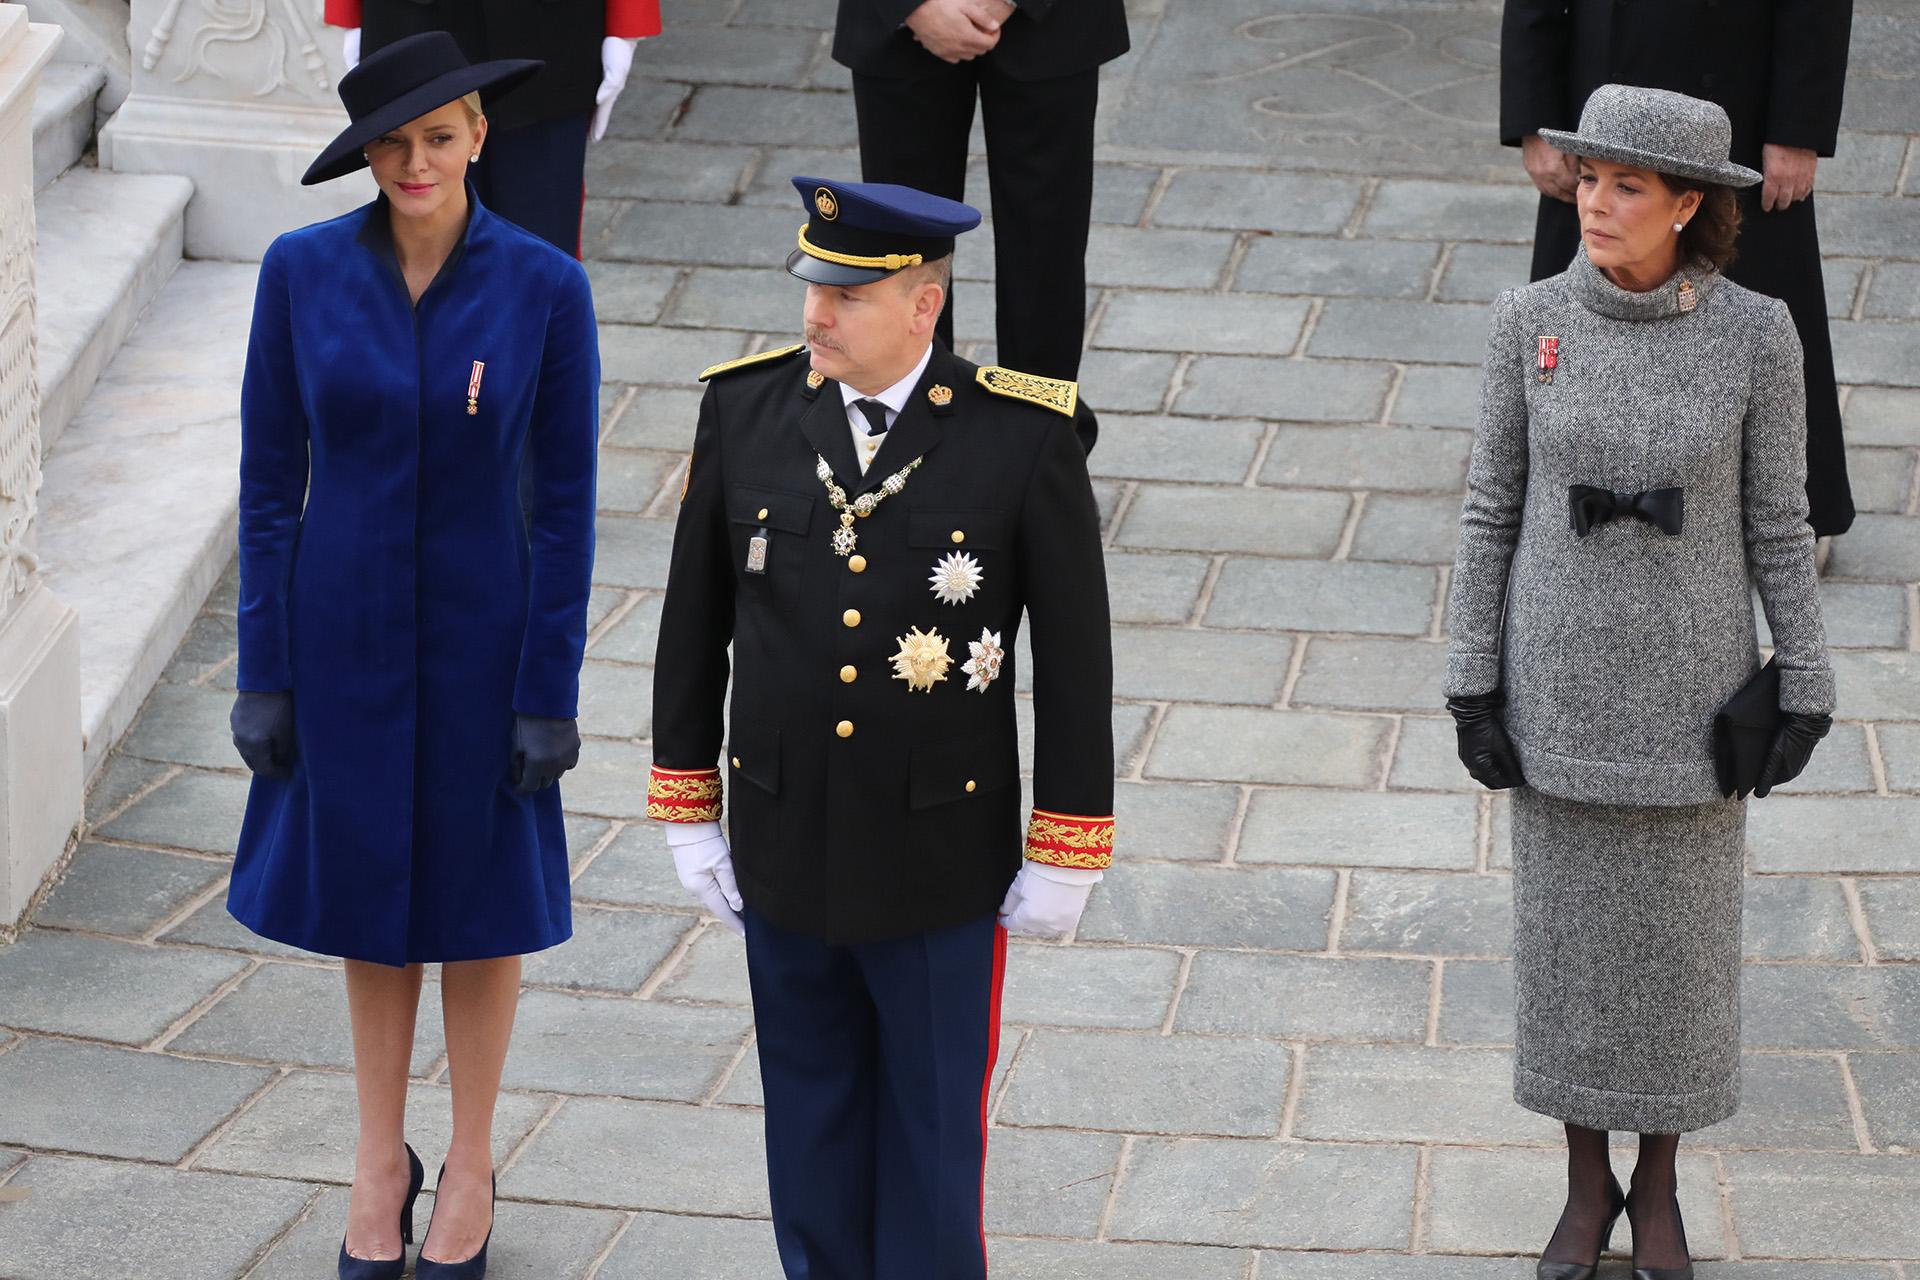 Duelo de estilos: mientras Charlene eligió un tapado de terciopelo azul con una gran pamela, Carolina se decantó por un conjunto gris claro